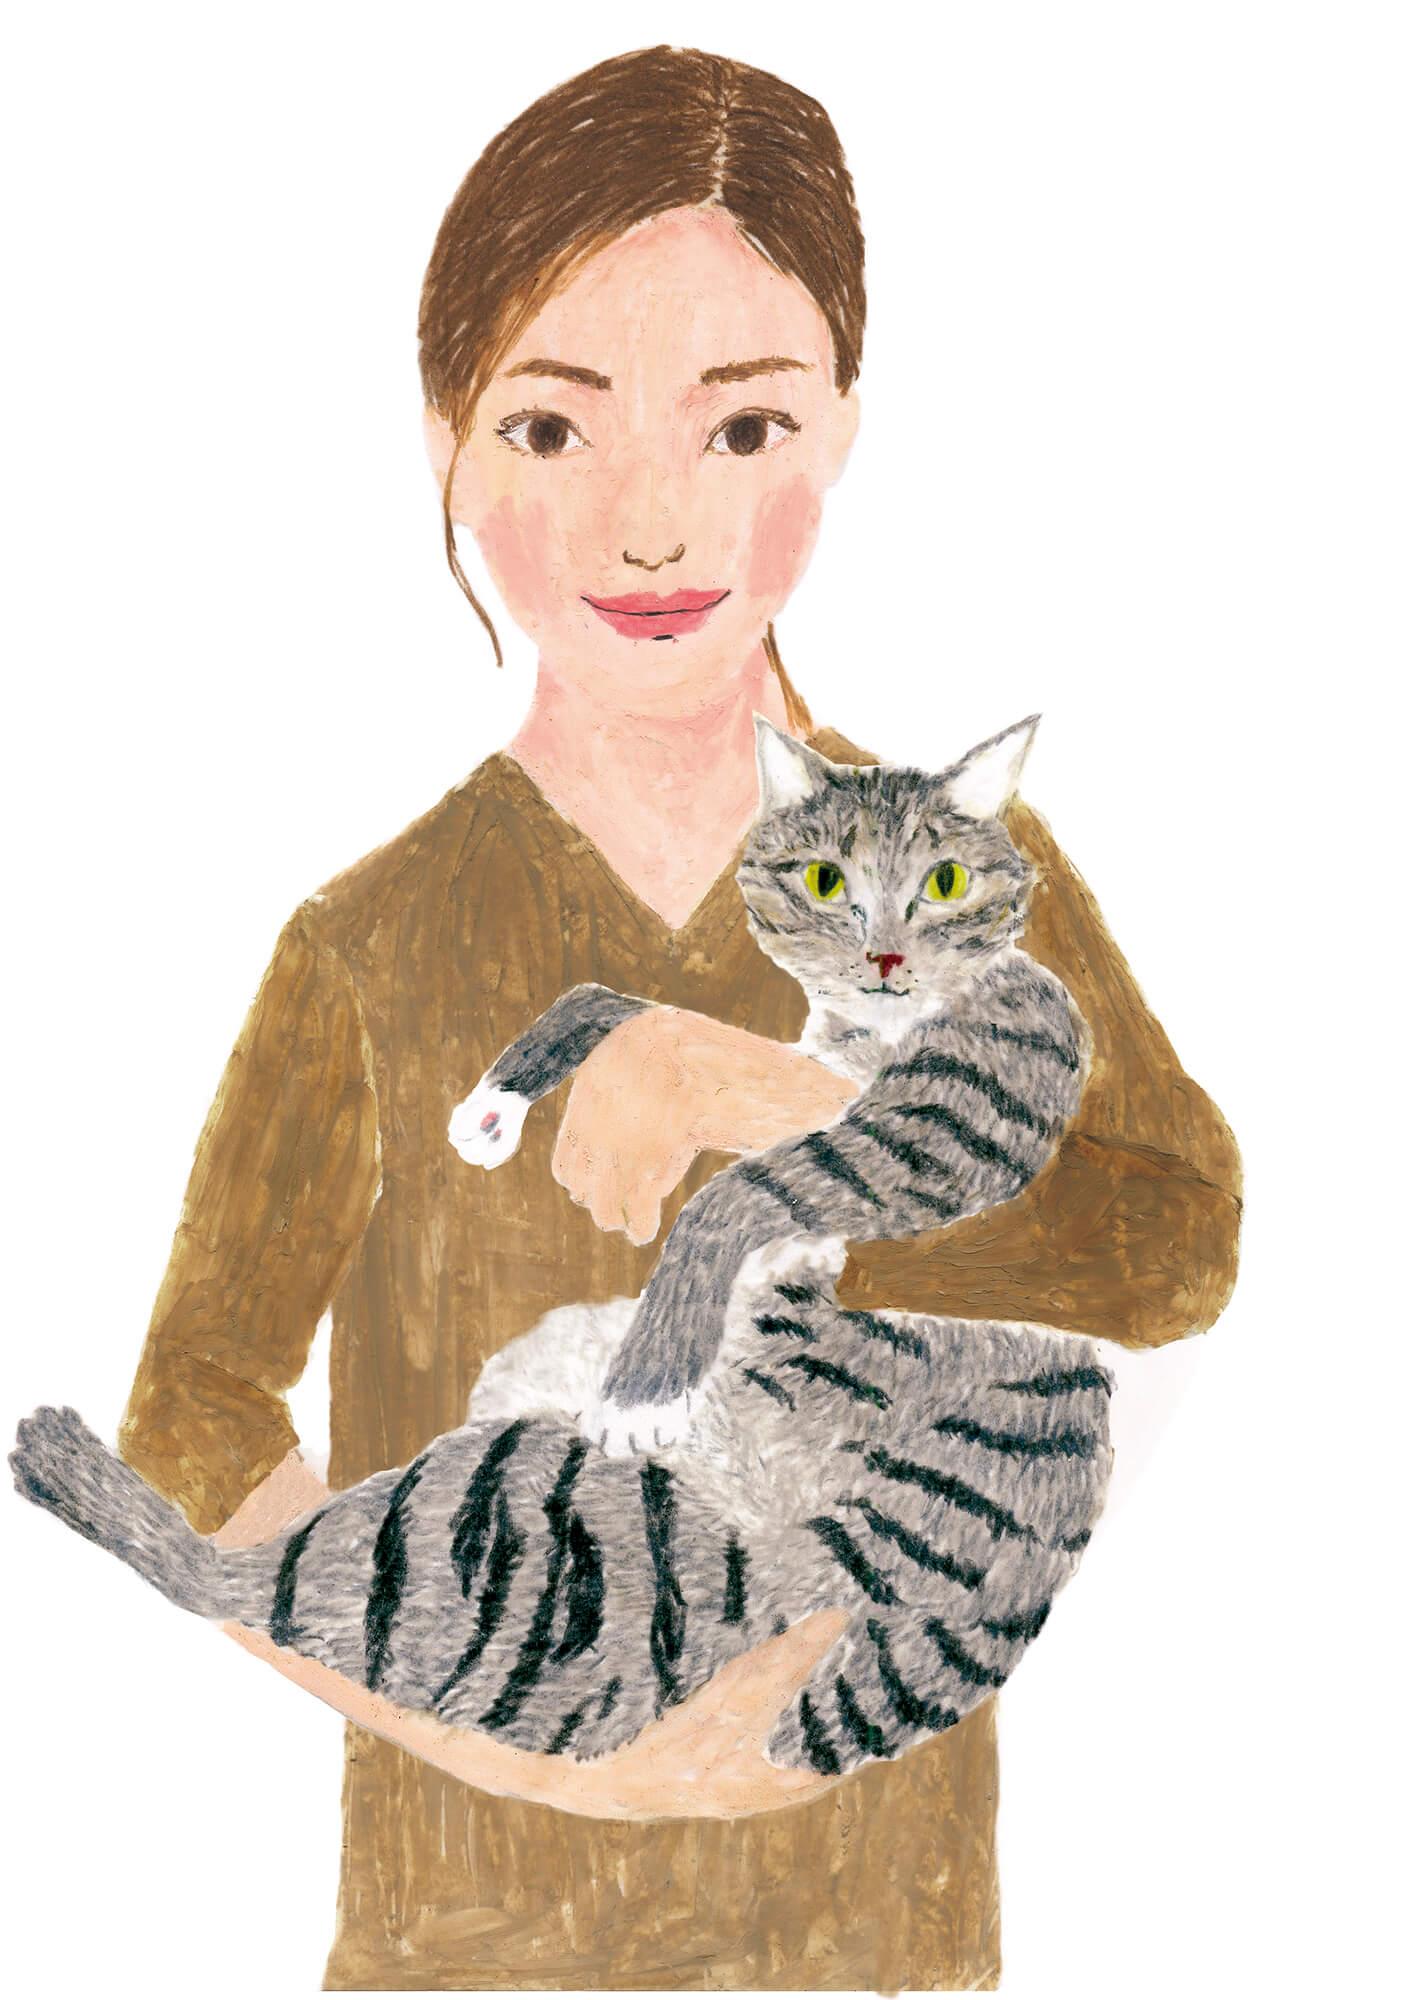 「ねこのきもち」イラストカット ベネッセ 2020年1月号「女性とサバトラ猫」